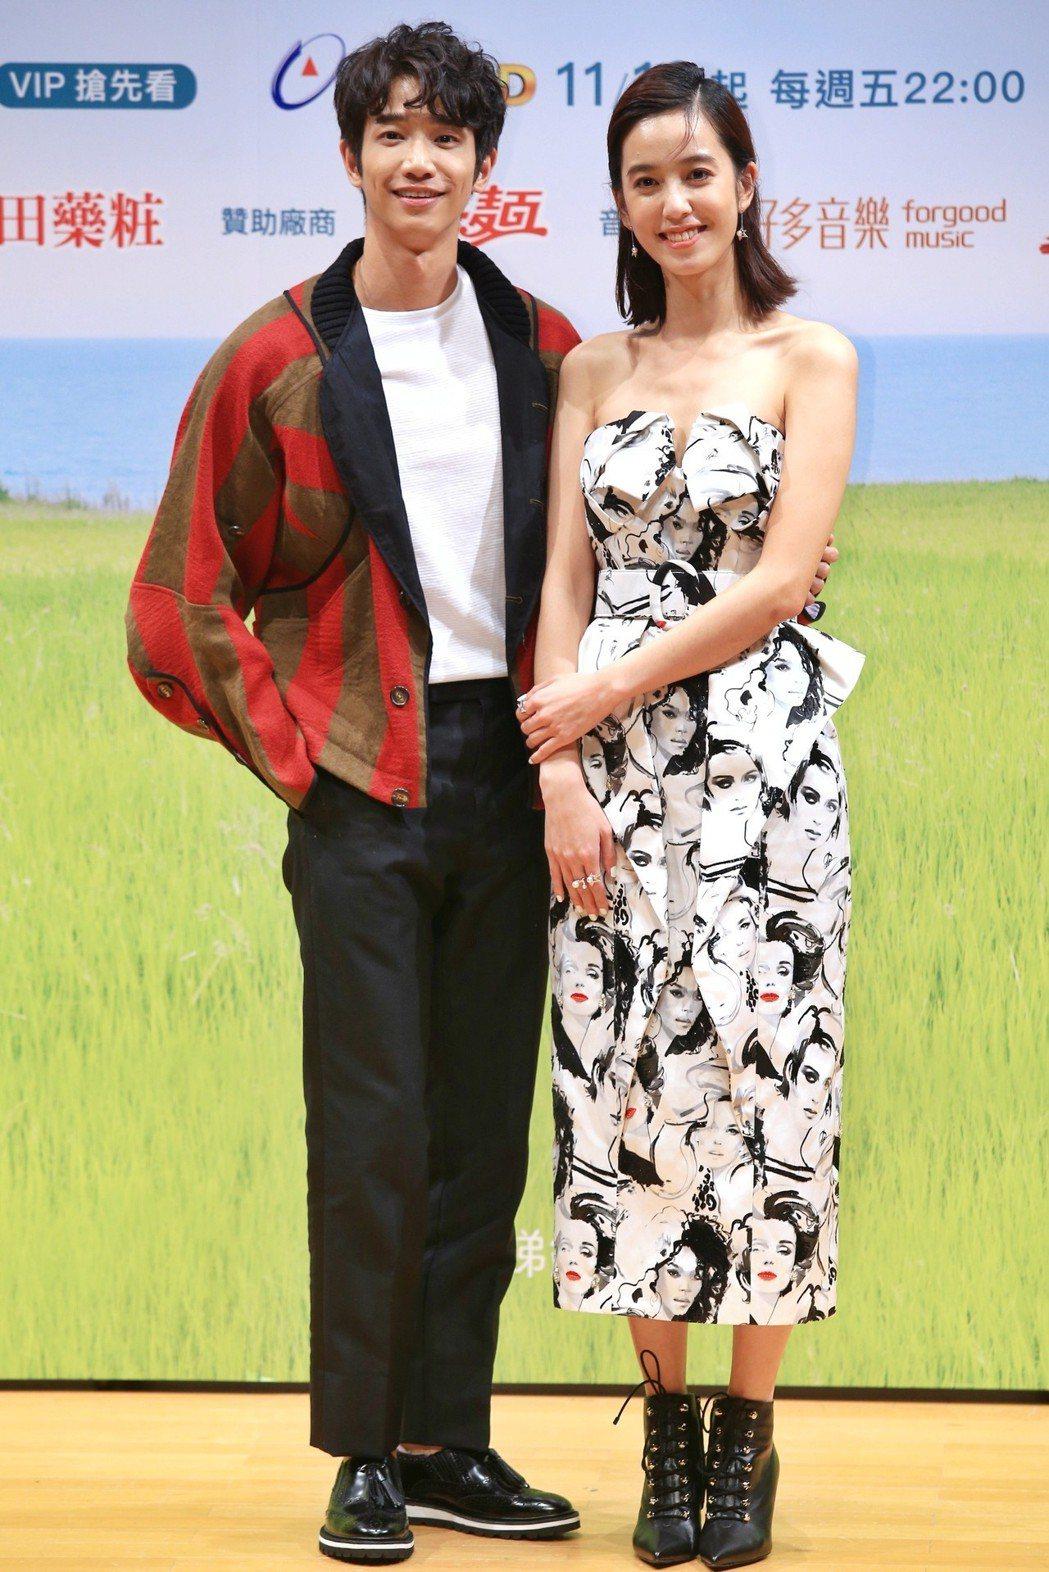 《種菜女神》首映發布會,主要演員劉以豪(左)、陳庭妮(右)出席宣傳。記者林伯東/...